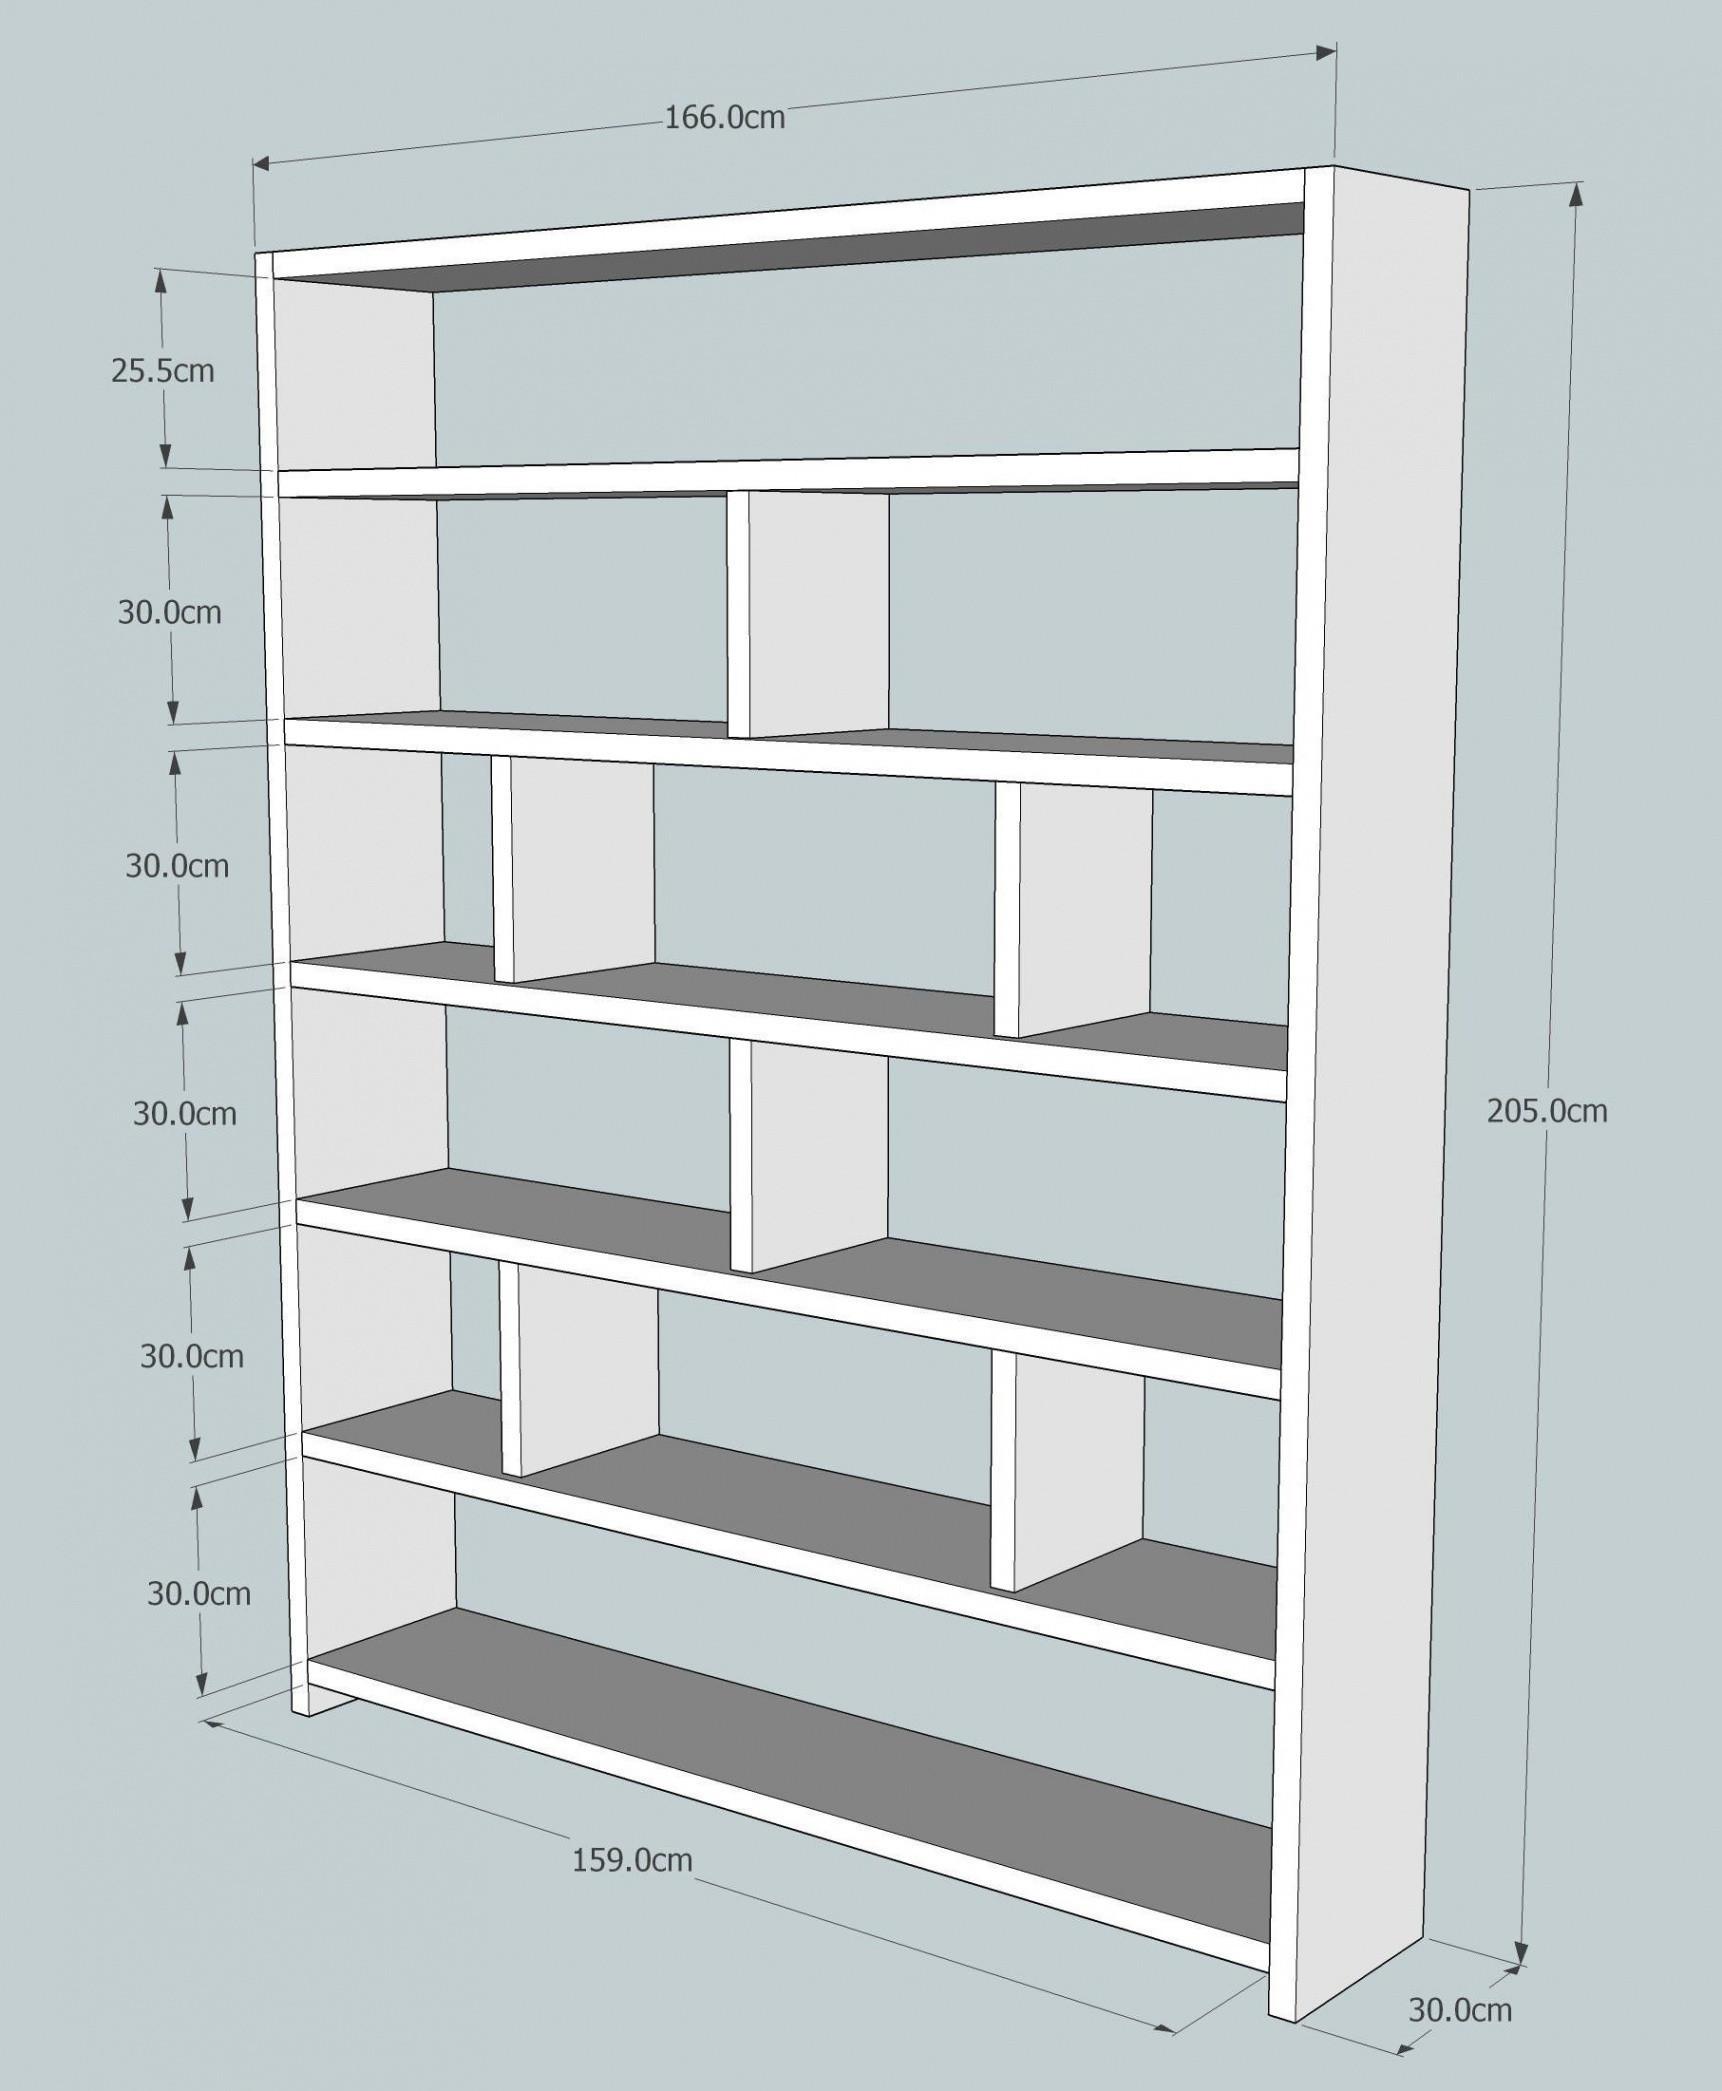 meuble bois et fer meuble etagere cuisine etagere en fer et bois etagere cuisine 0d of meuble bois et fer